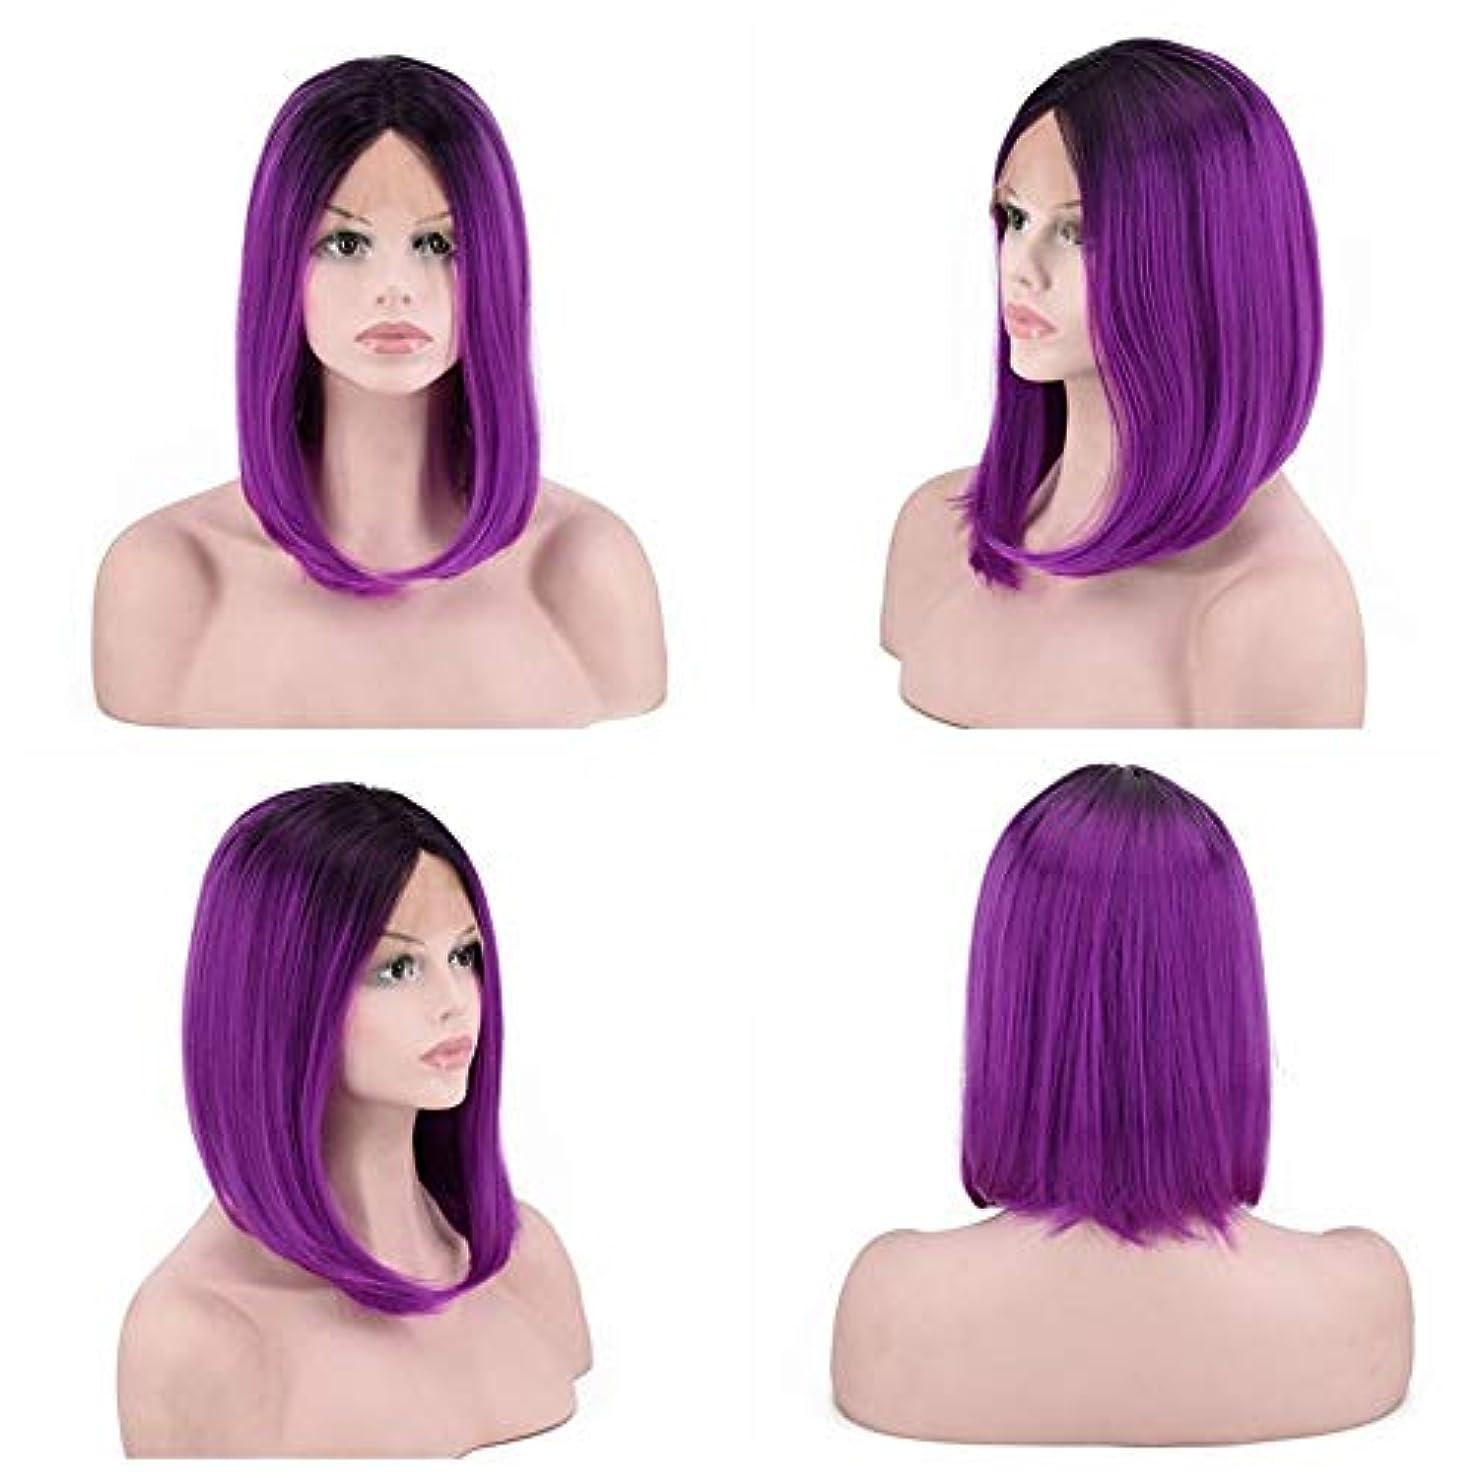 夕方配分幻想YOUQIU 女性のかつらのために新鮮でファッショナブルなグラデーションショートストレート髪ボブウィッグレースフロントウィッグ (色 : 832#)